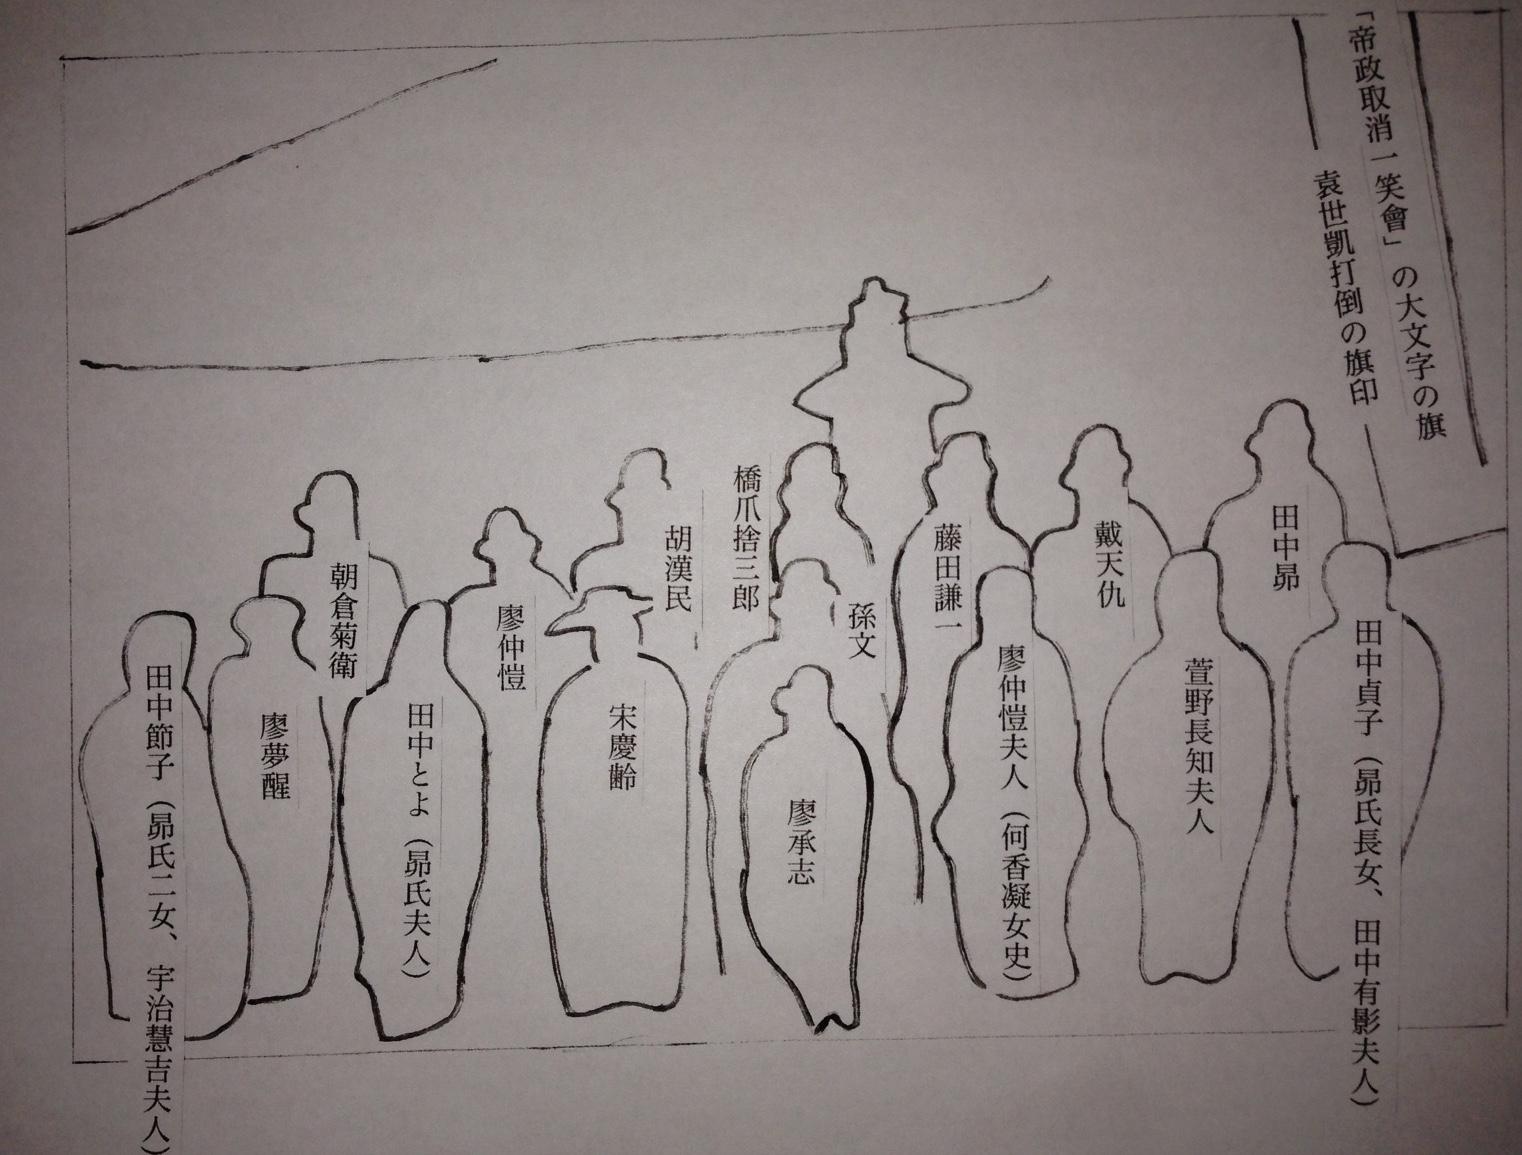 広瀬院長の弘前ブログ: 孫文と藤...